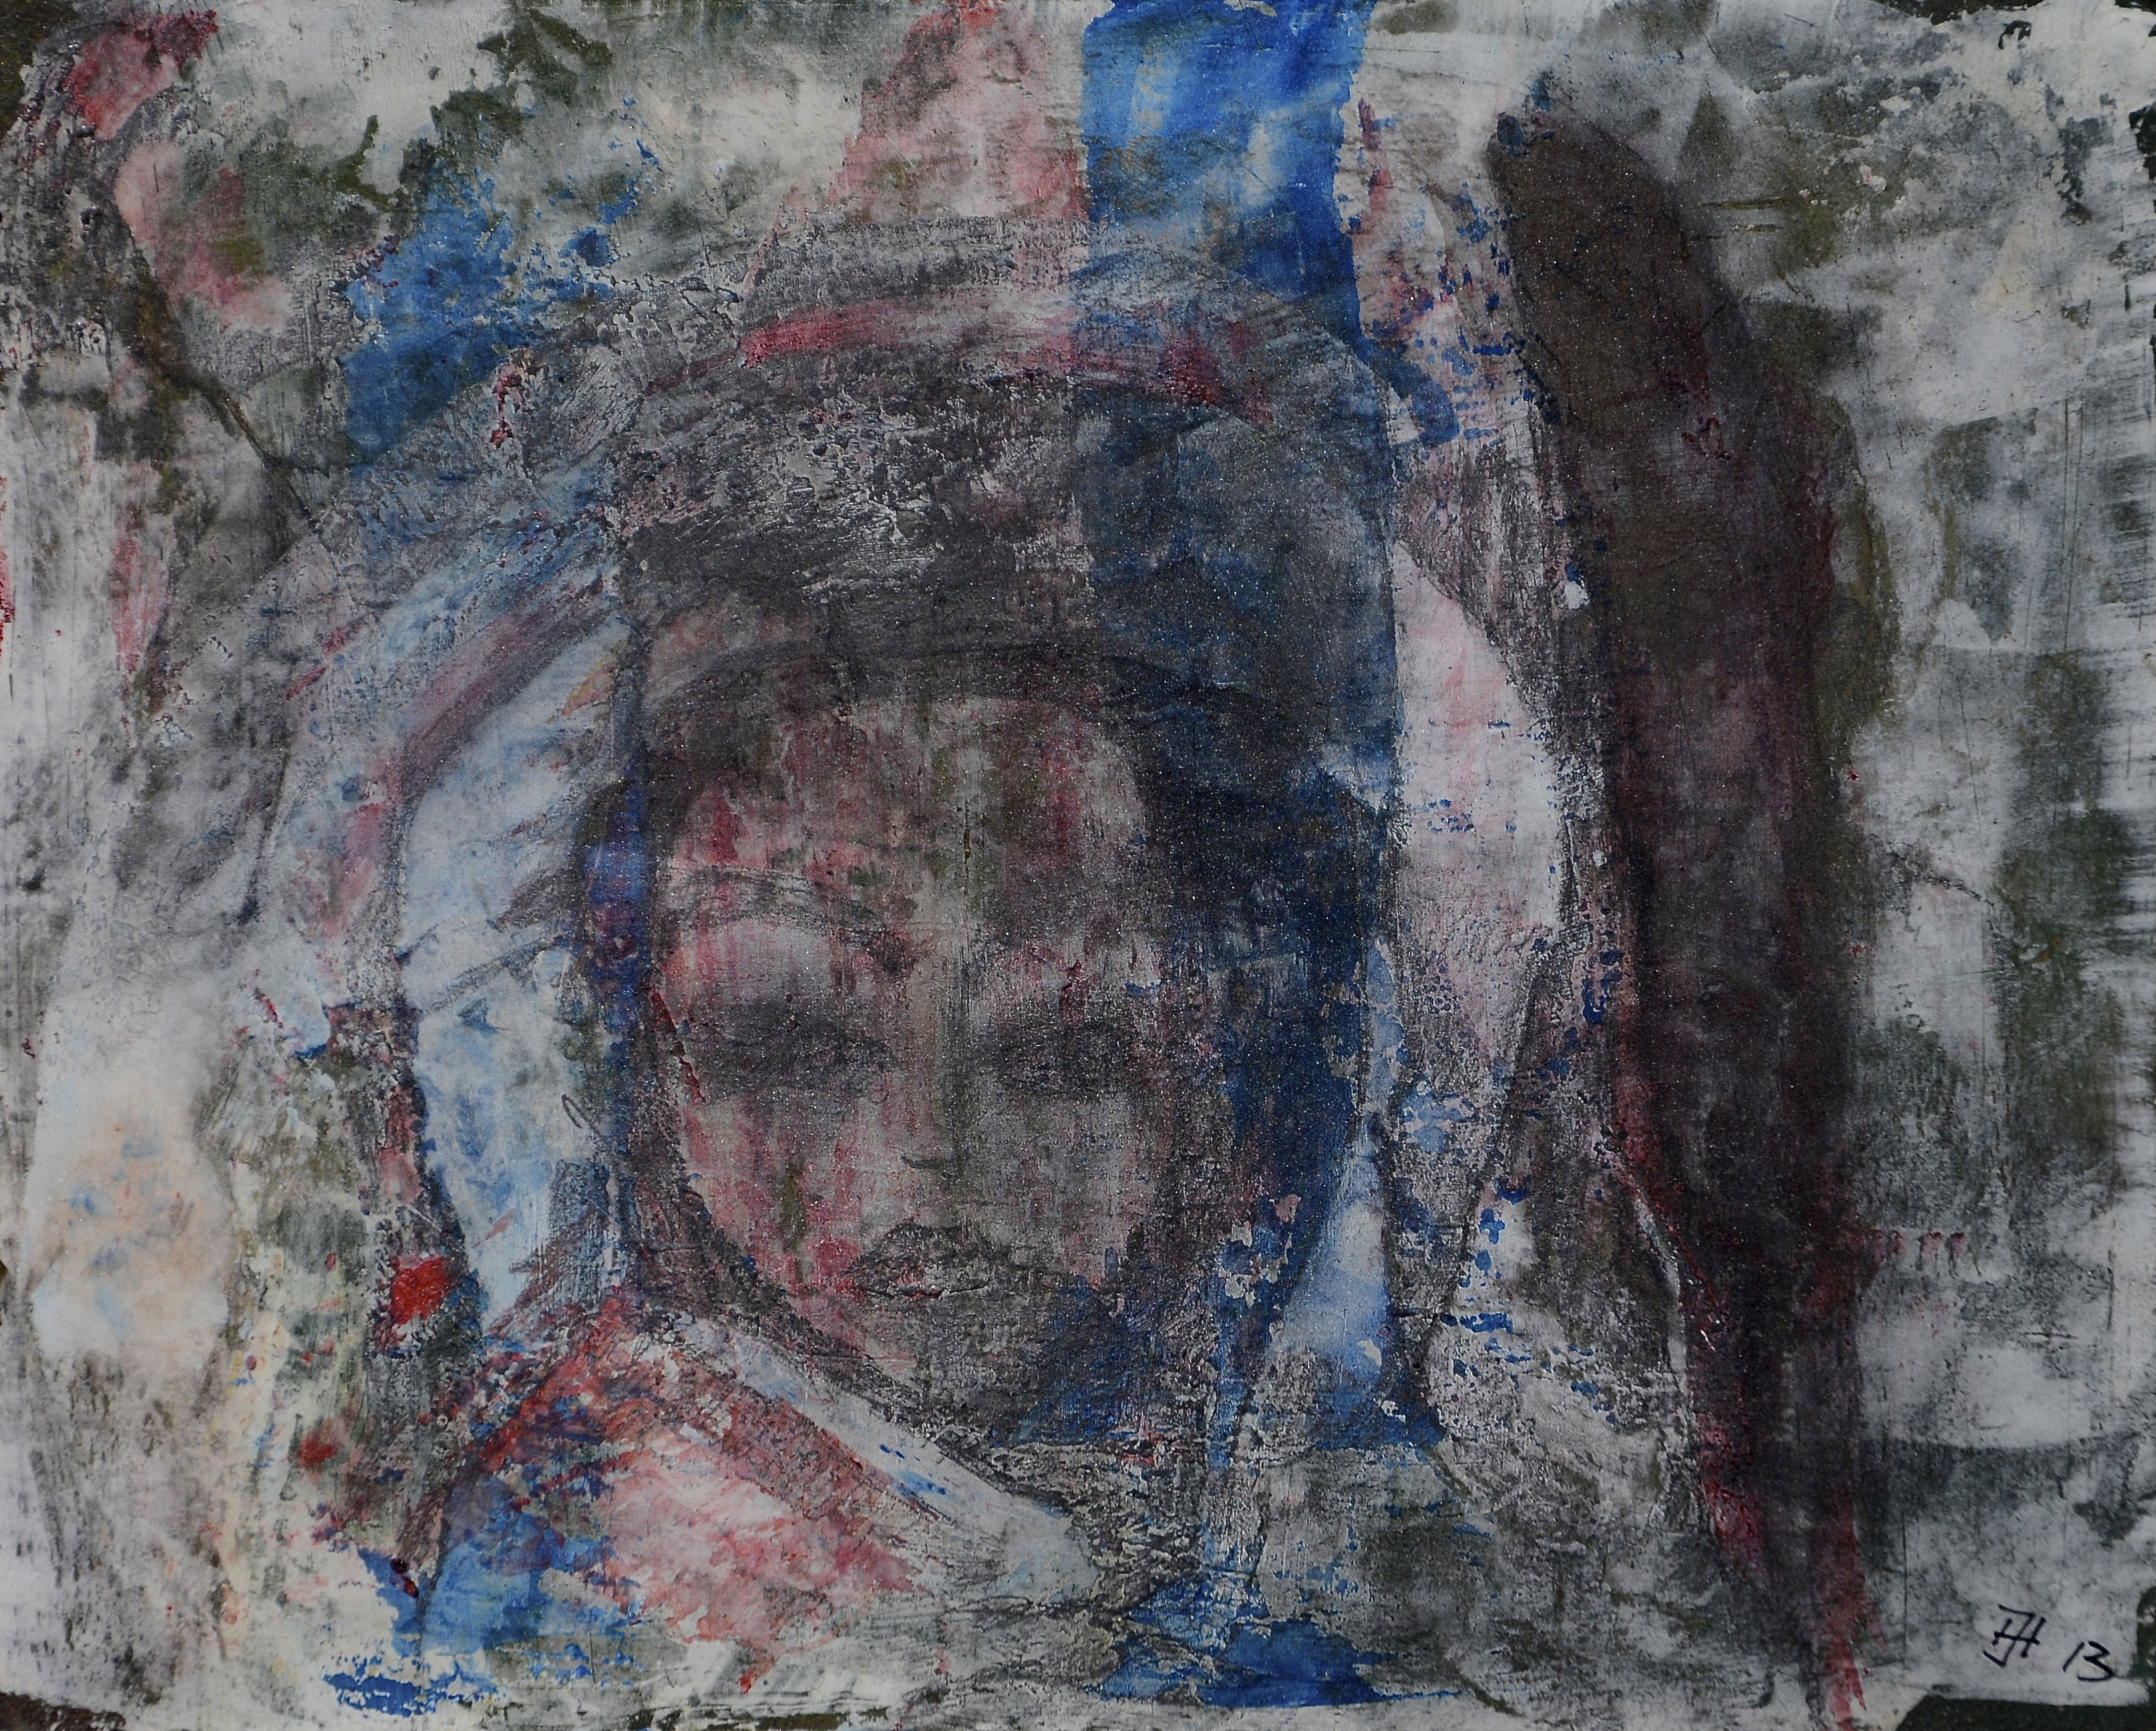 der blick,acryl auf MDF,16x20cm,2013.JPG